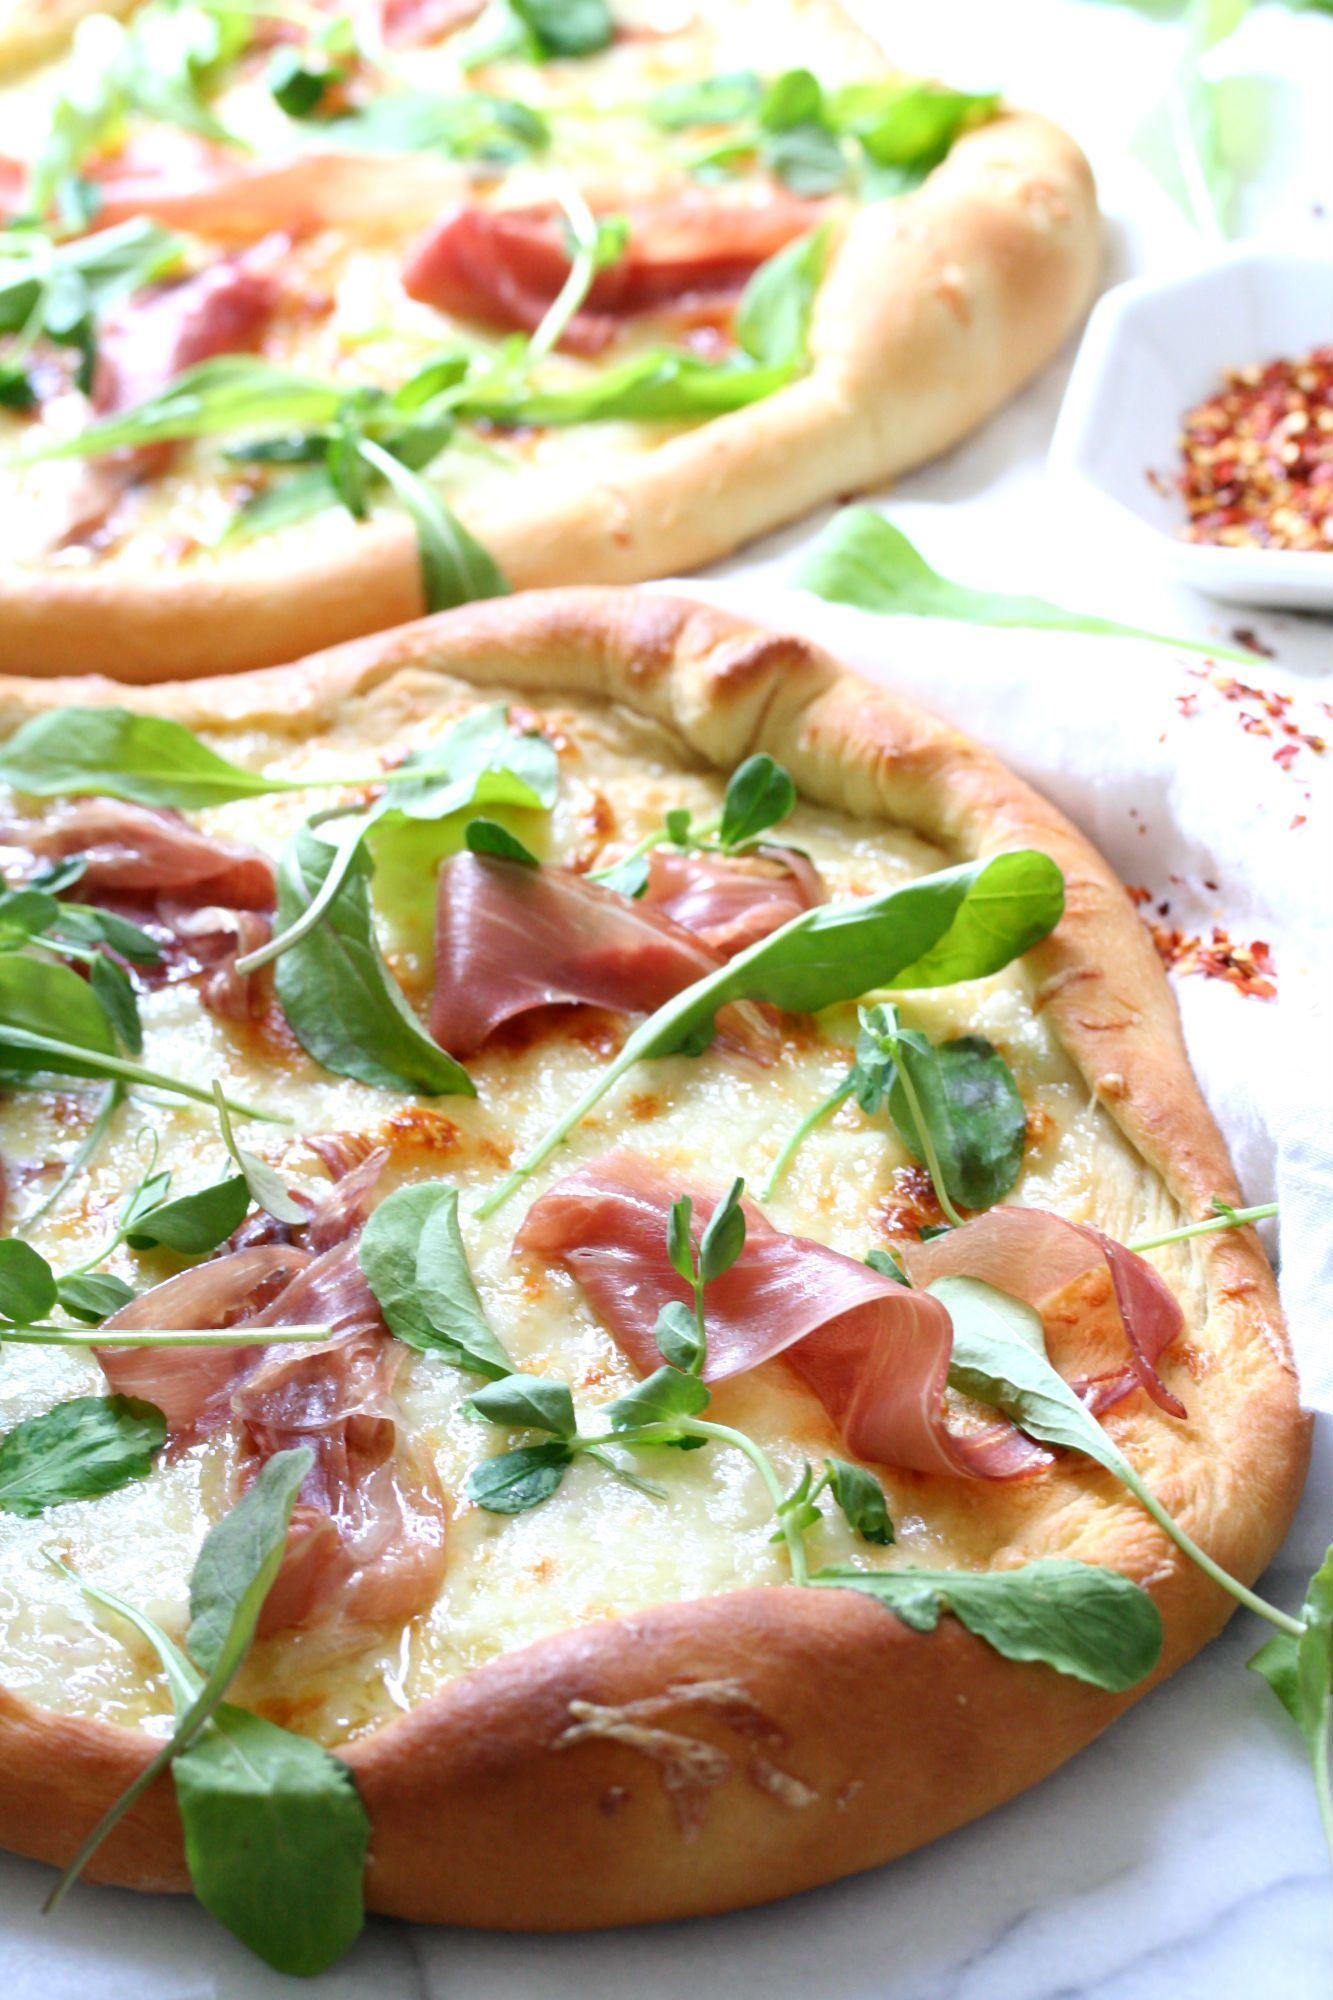 Homemade Prosciutto And Arugula Pizza Recipe Dash Of Savory Arugula Pizza Recipes Homemade Pizza Recipes